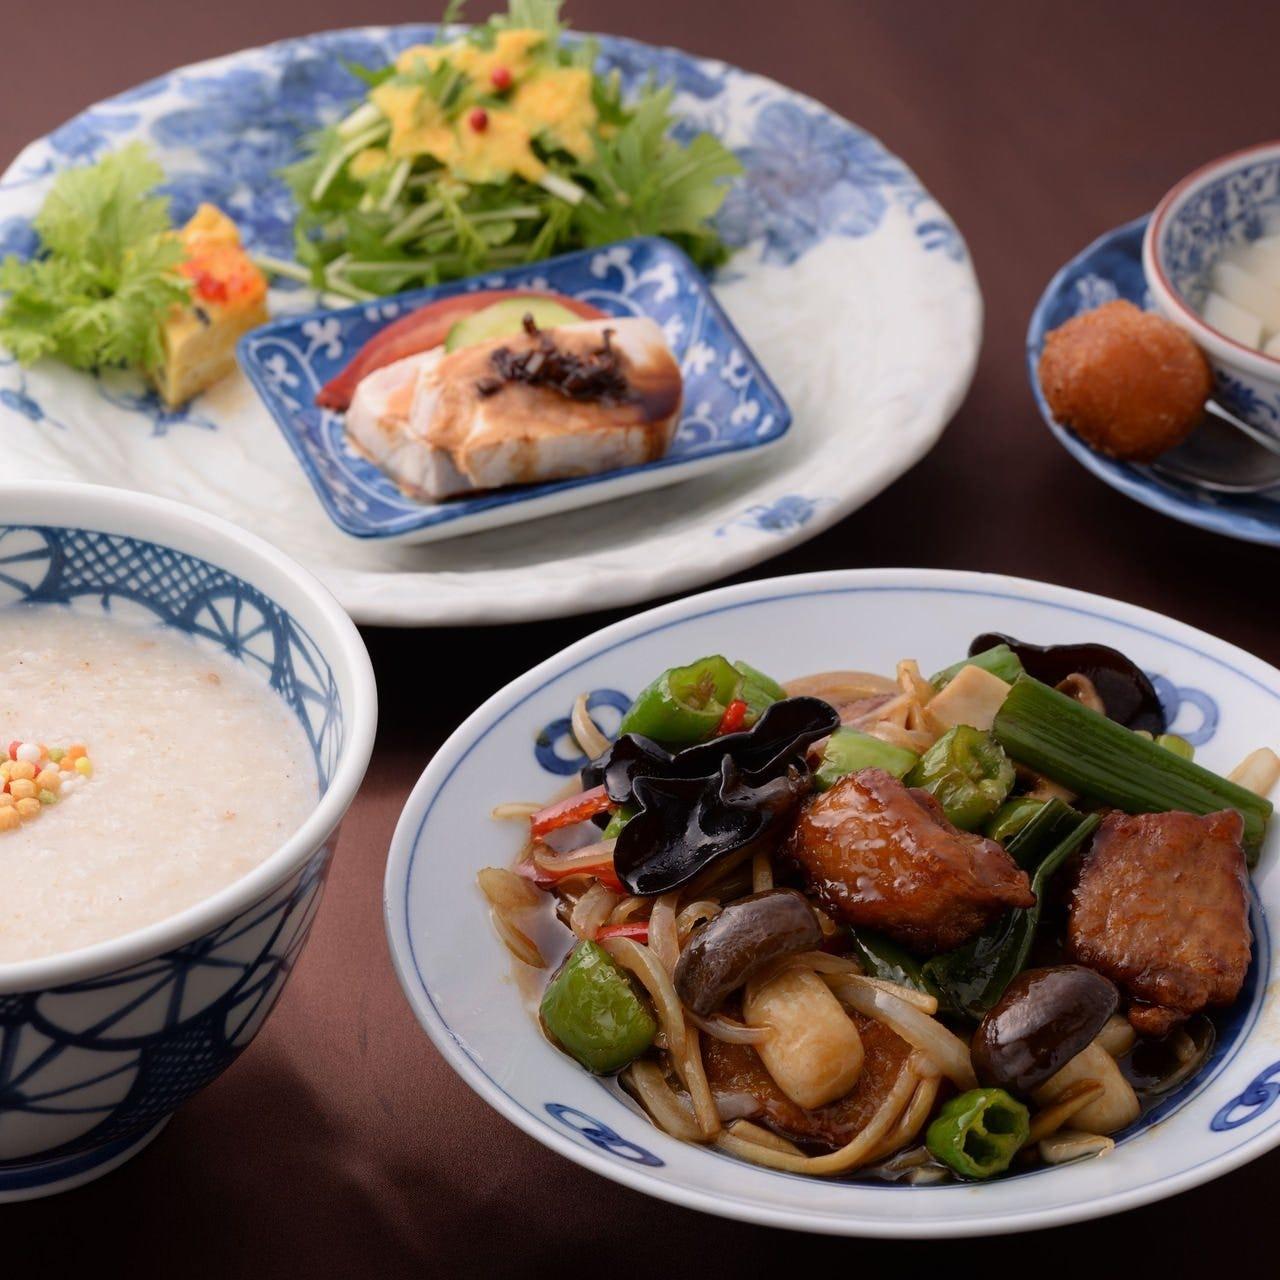 =京のおもてなし お粥セット= 京都ポークの黒酢スブタ1540円